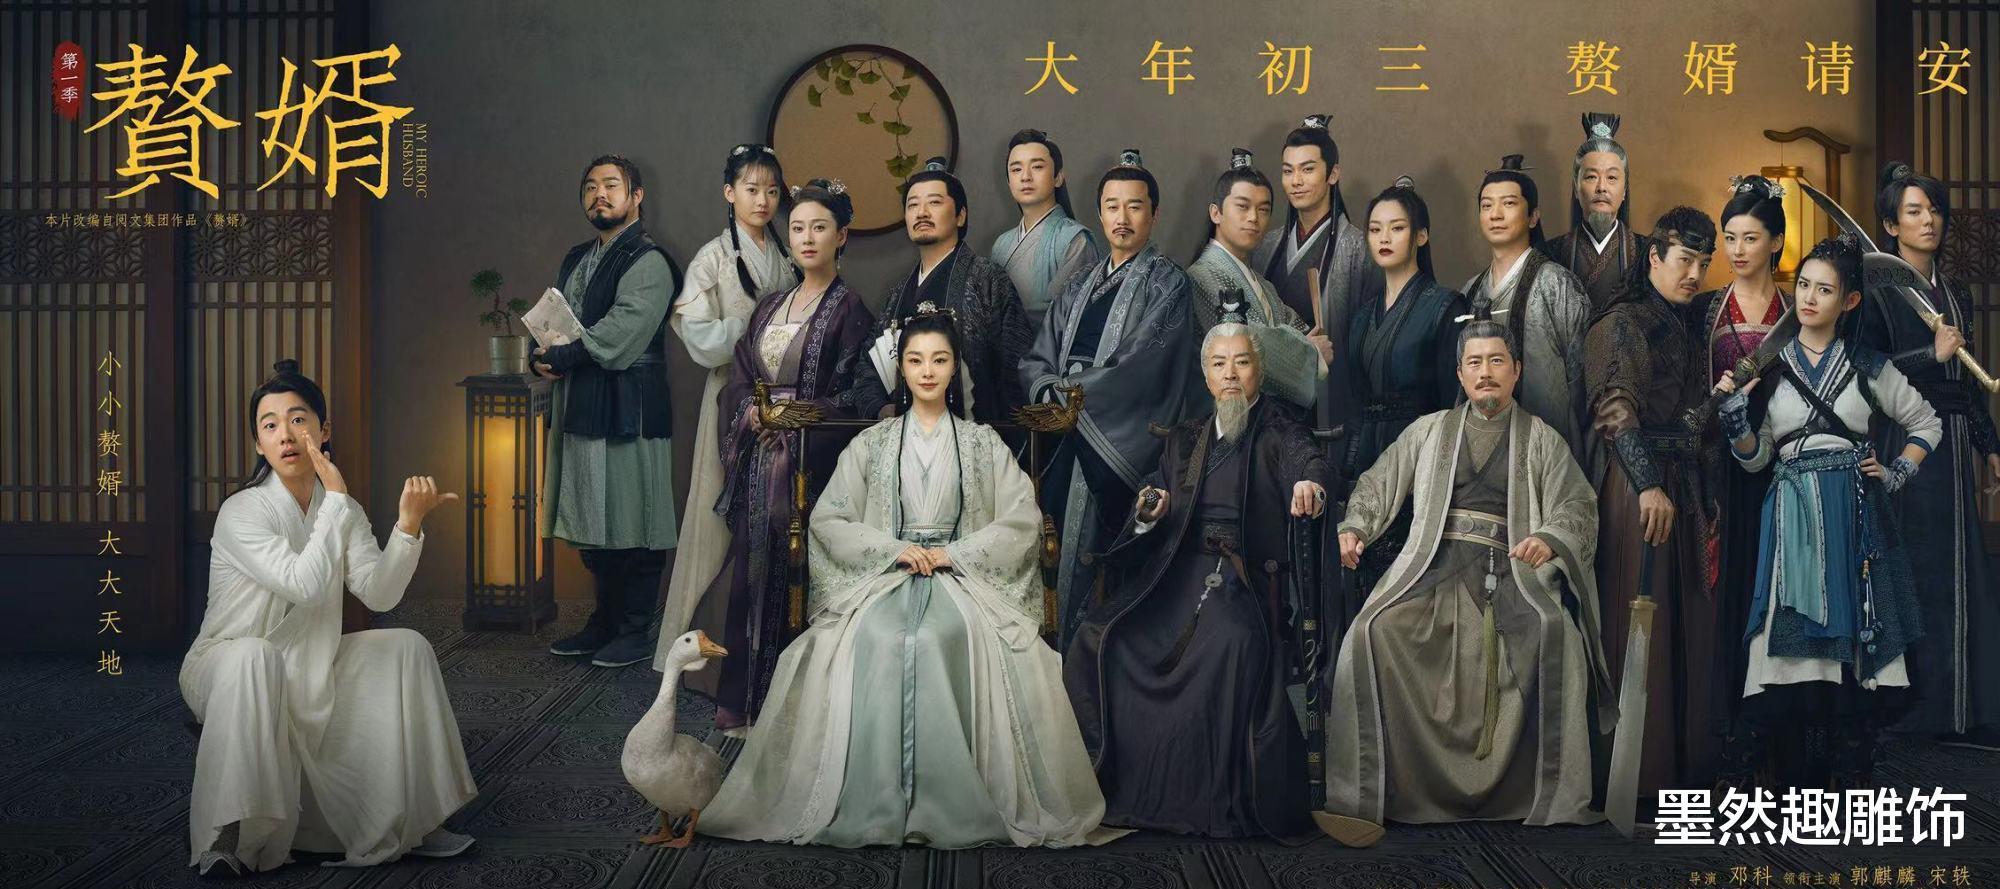 3月熱播的5部電視劇, 《贅婿》僅第4, 第一名豆瓣評分高達9.0-圖5